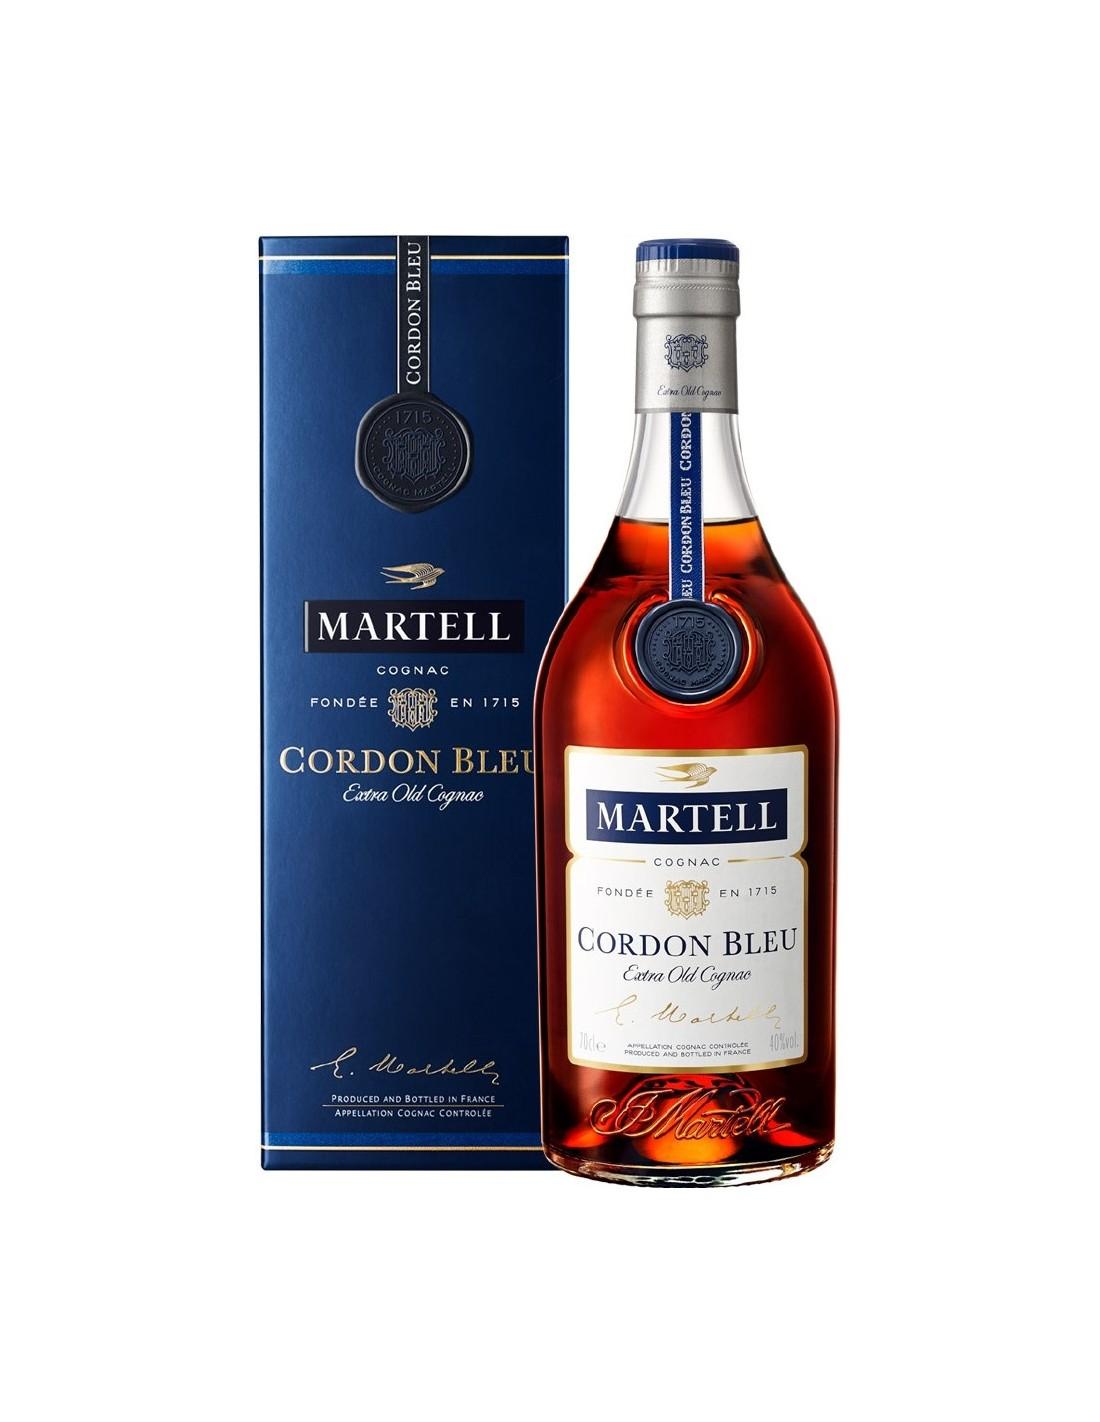 Coniac Martel Cordon Bleu 40% alc., 0.7L, Franta